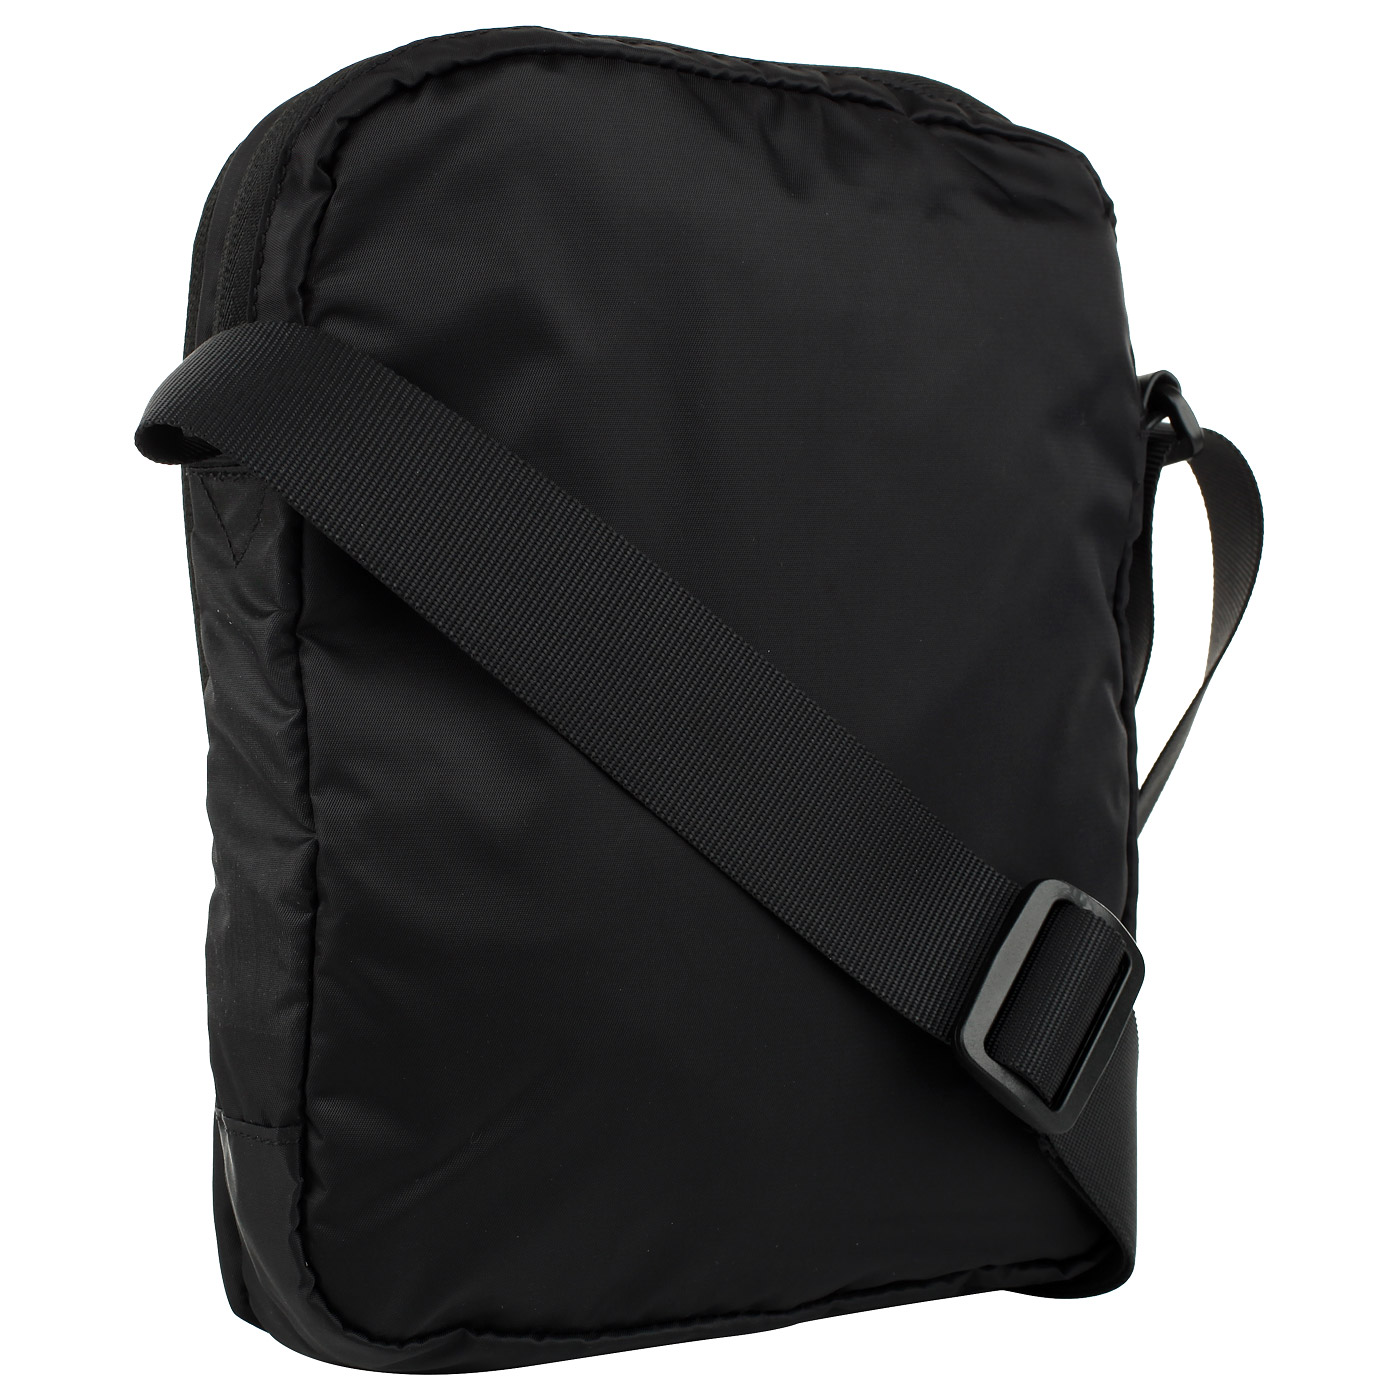 1f86d97d4d56 Мужская сумка через плечо Bikkembergs 6BDD5203_black - 2000557789401 ...